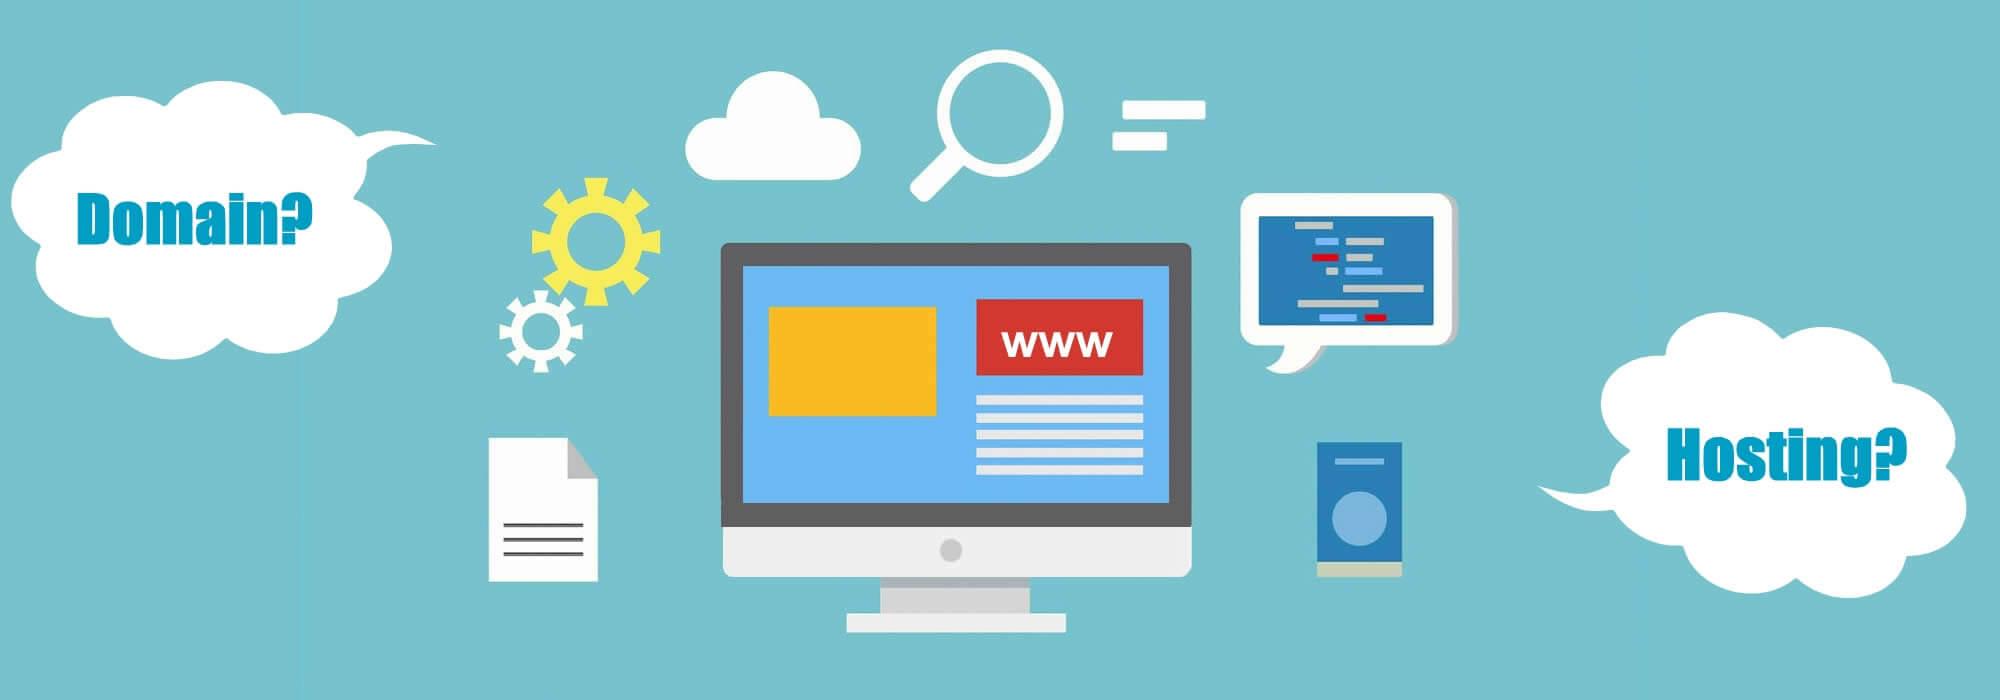 differenza-tra-dominio-e-hosting-web-spiegazione